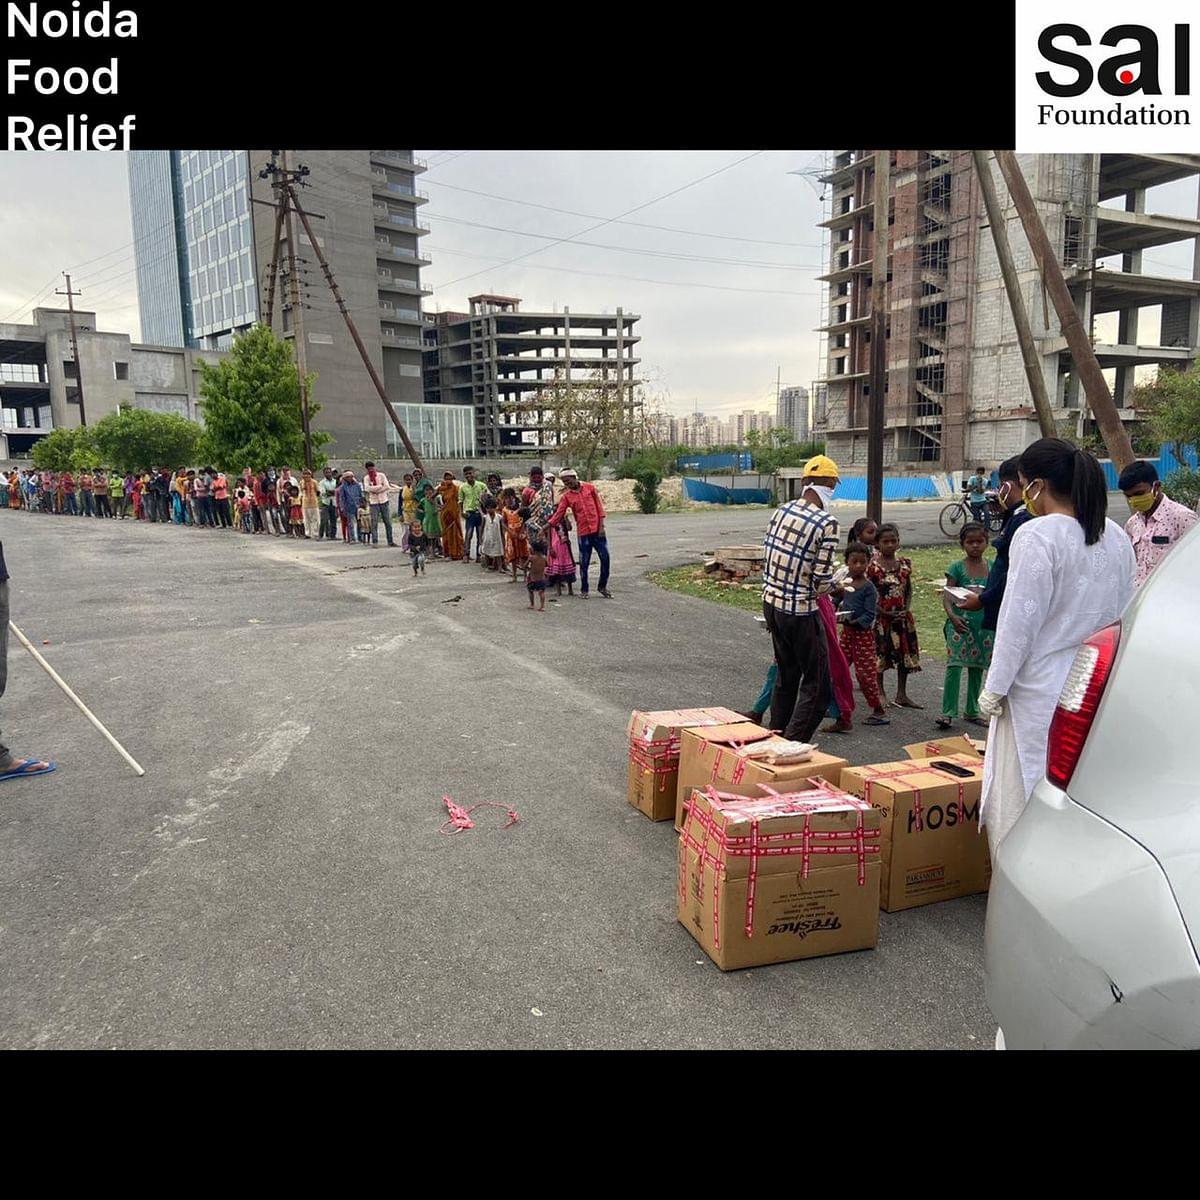 Noida Food relief